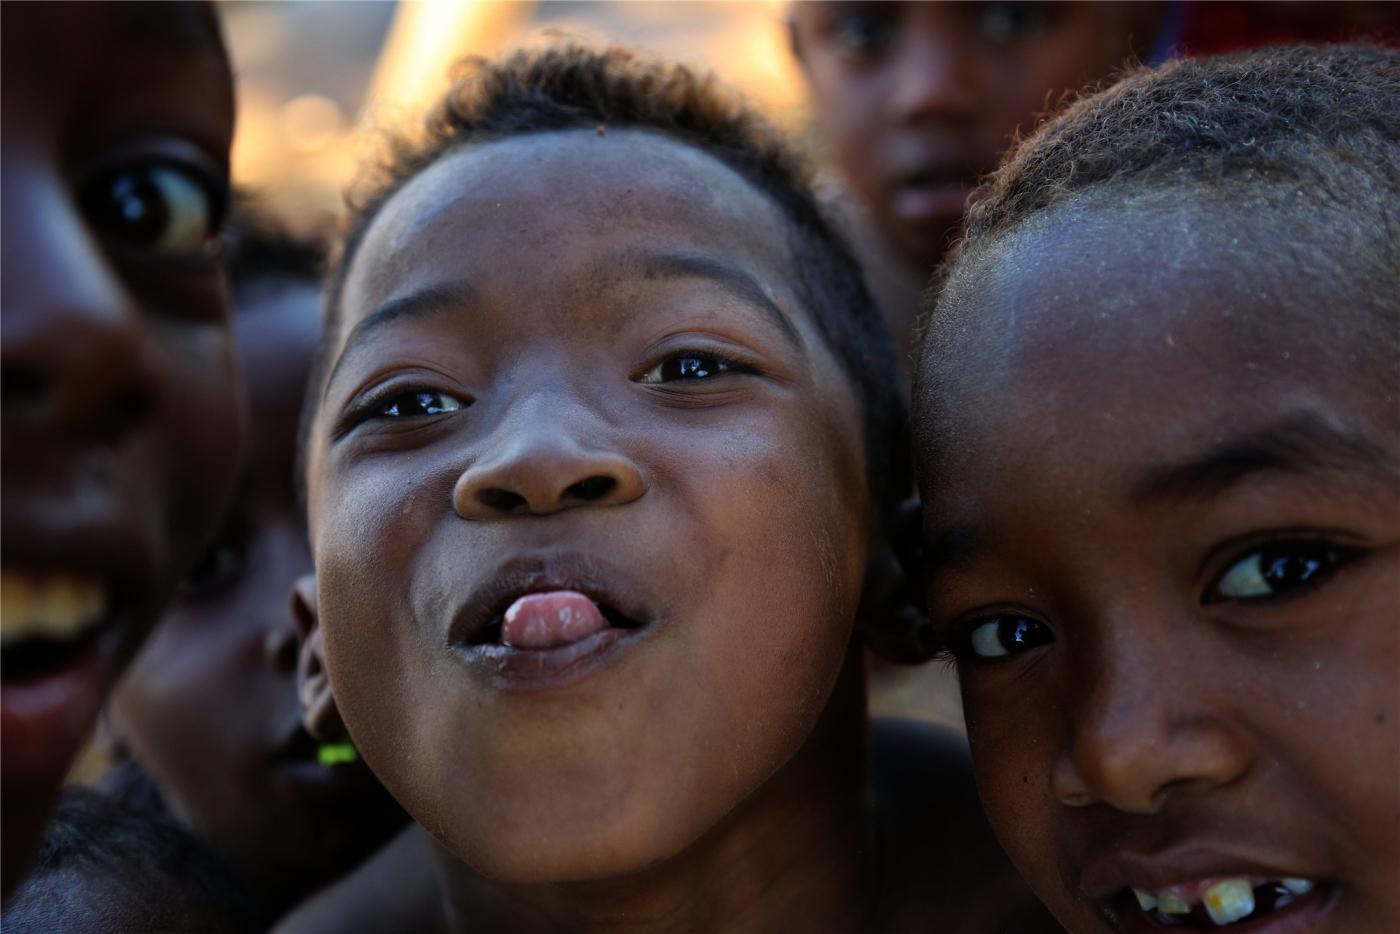 【原创实拍】黑色脸谱  ——行摄南部非洲(人像篇)_图1-34